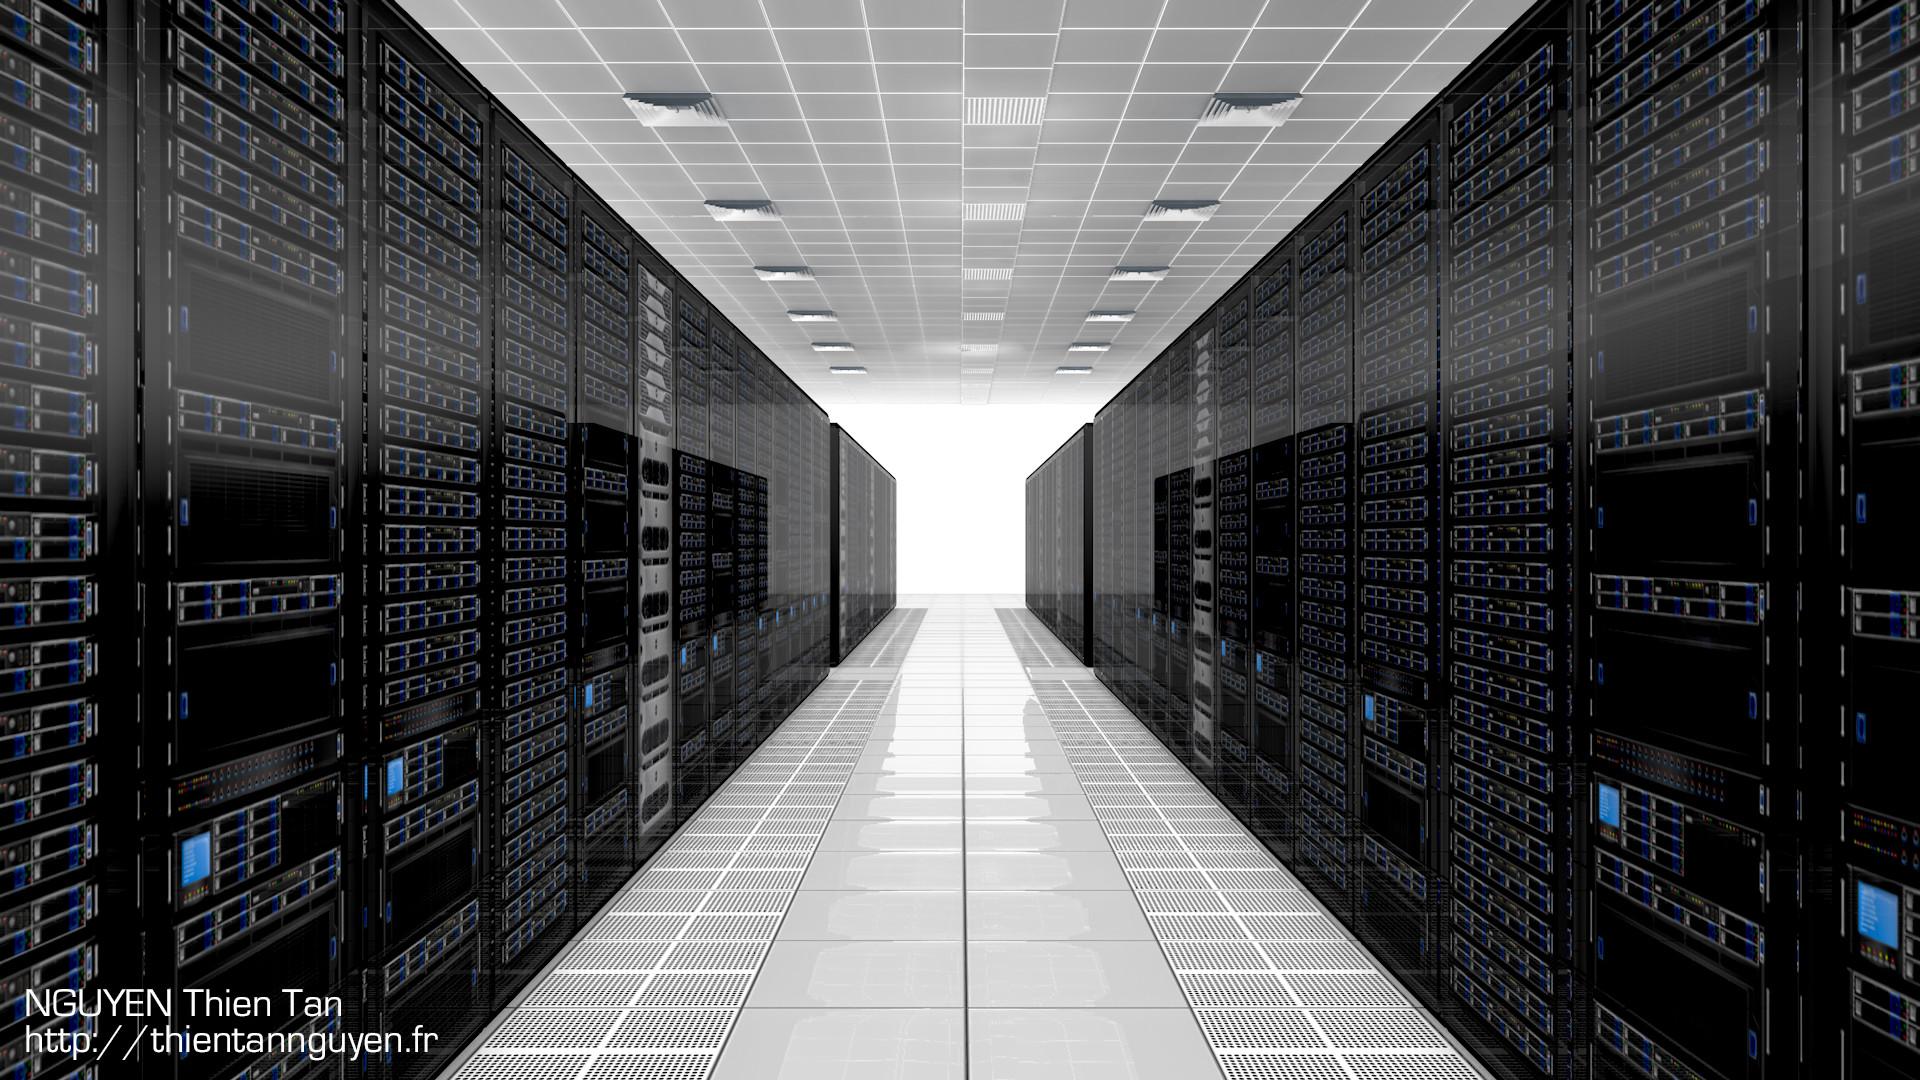 3d Cisco Hd 1920x1080 Wallpaper Google Data Center Wallpaper 183 ①